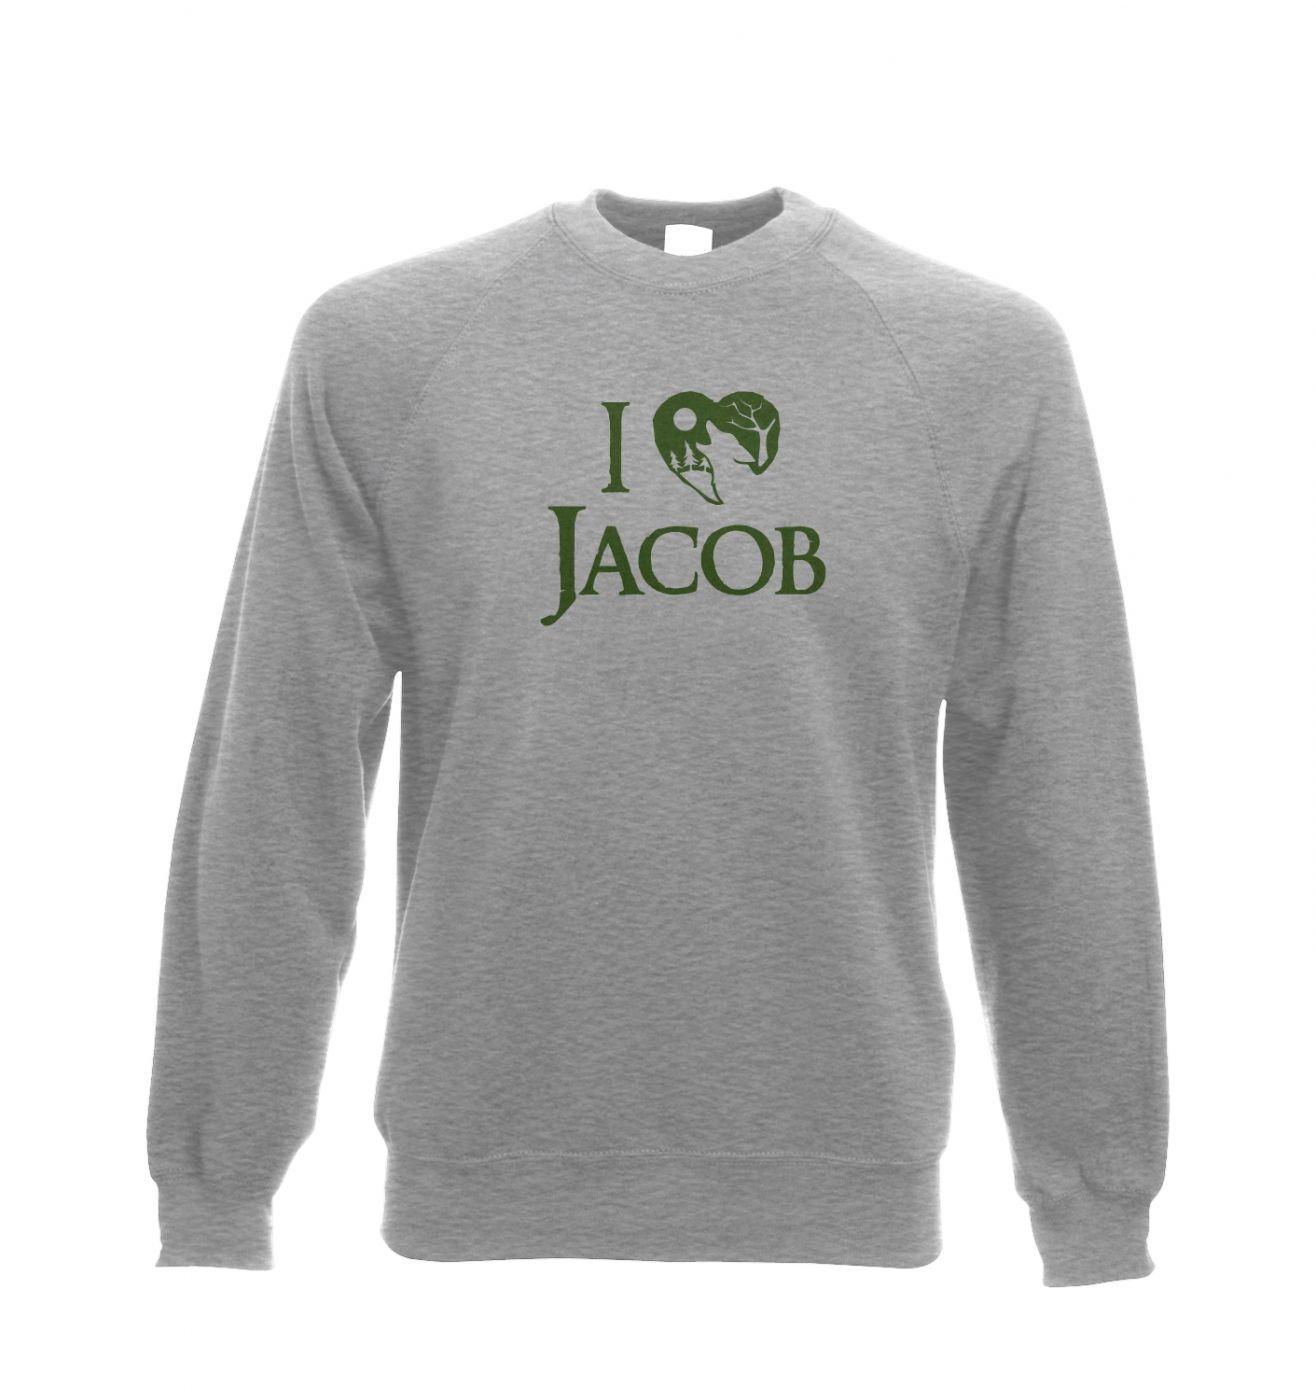 I heart Jacob Adult Crewneck Sweatshirt  - Inspired by Twilight